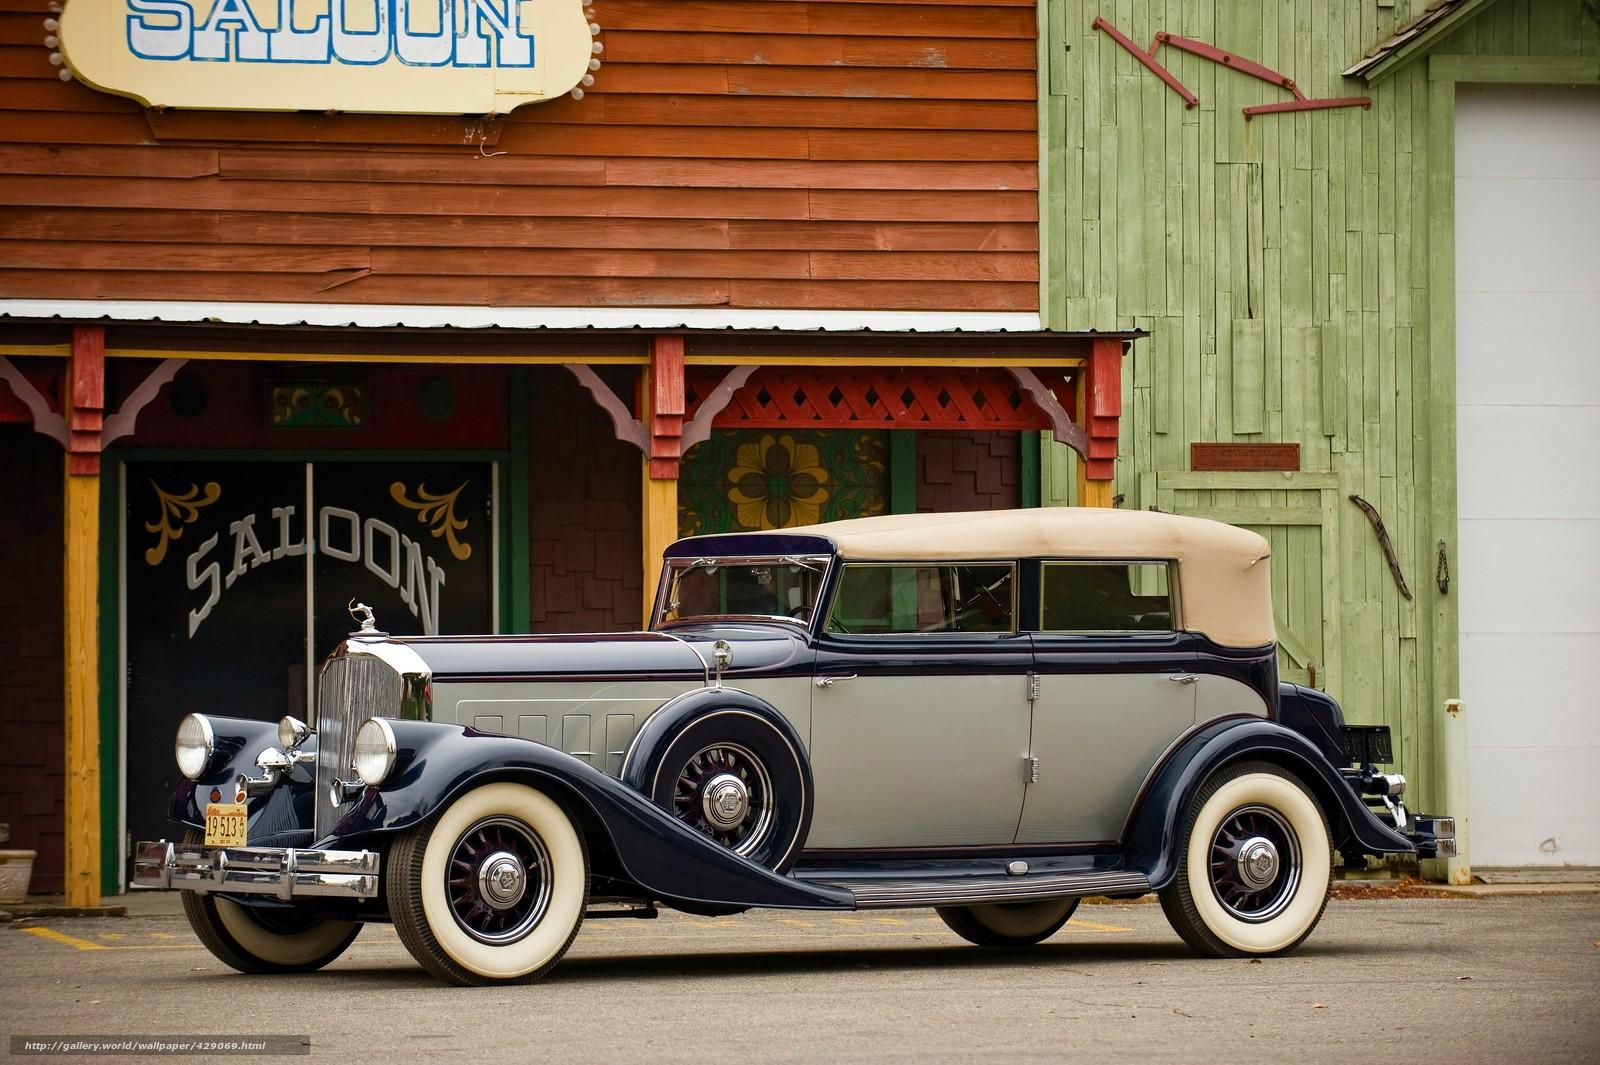 1933, pierce-arrow, twelve convertible sedan, cars, vintage, двенадцать Кабриолет Седан, автомобили, старинные